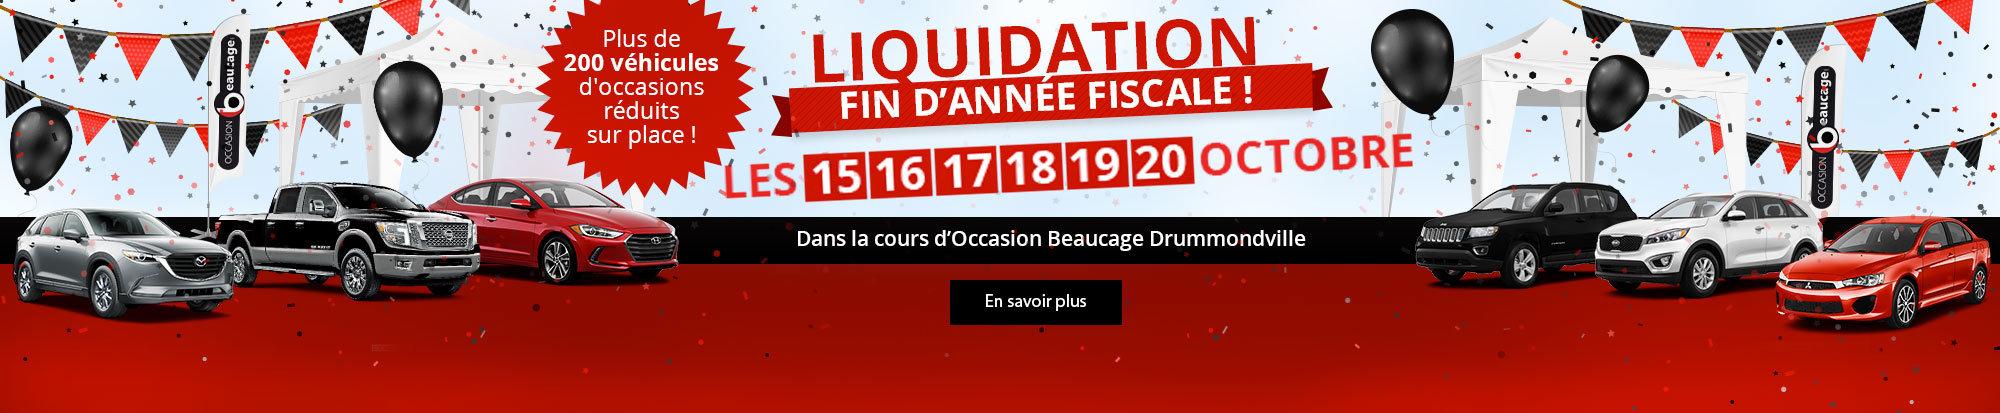 Liquidation fin d'année fiscale à Drummondville!